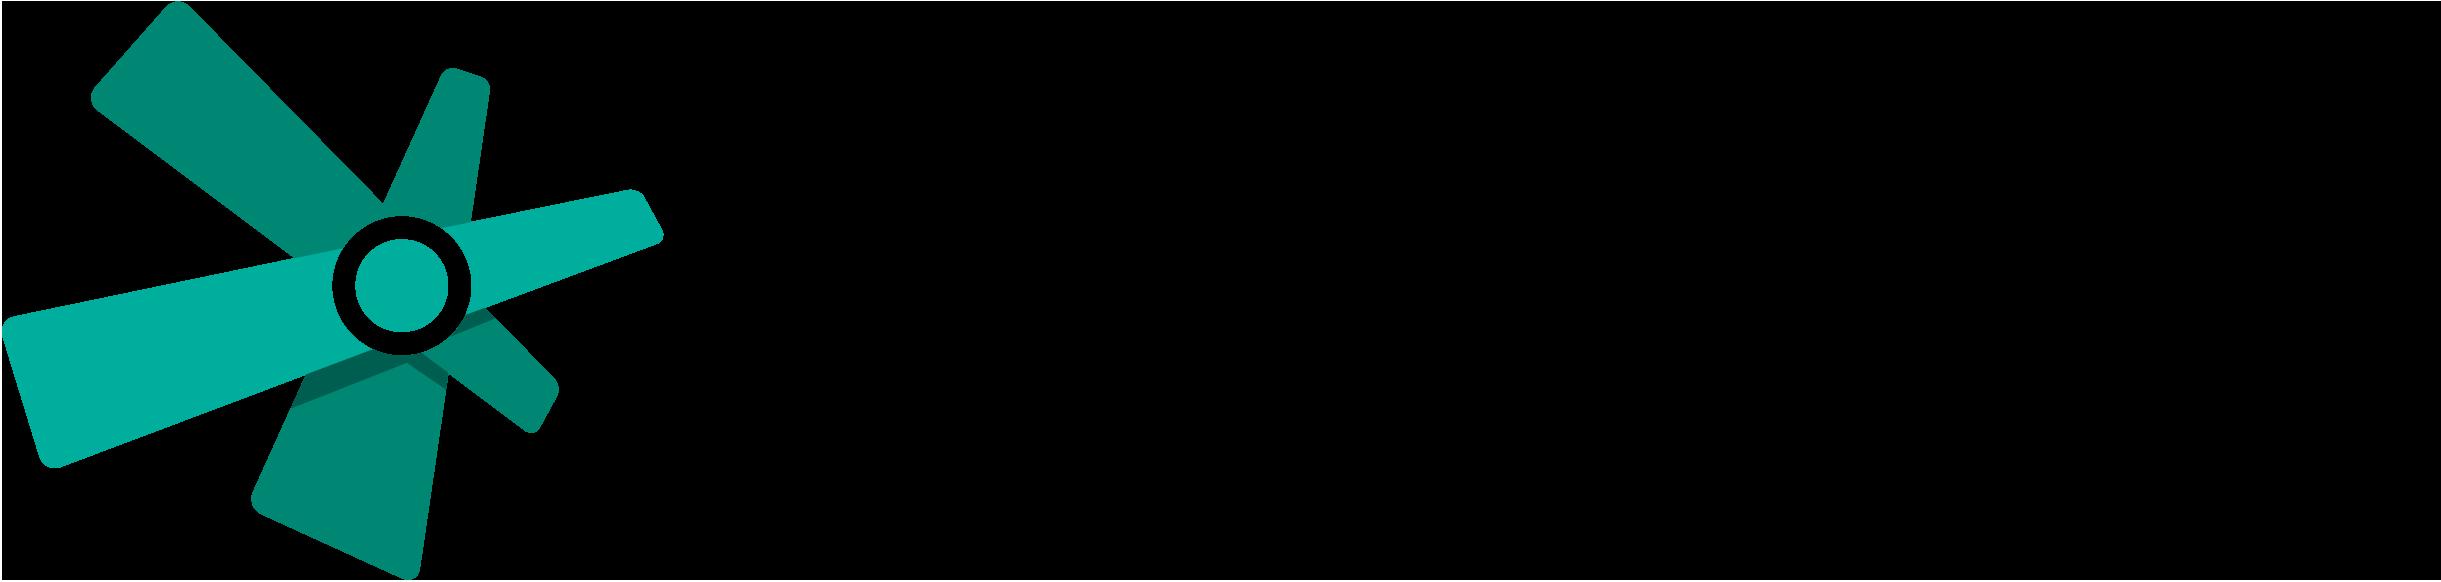 pivotal_labs